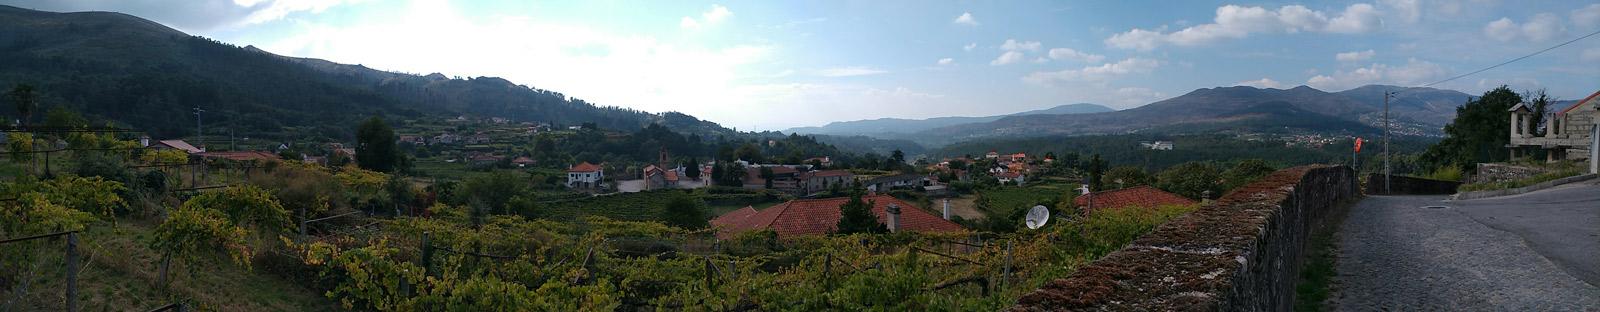 Copyright: C. Raffelt. Der Blick von der Quinta von Anselmo Mendes